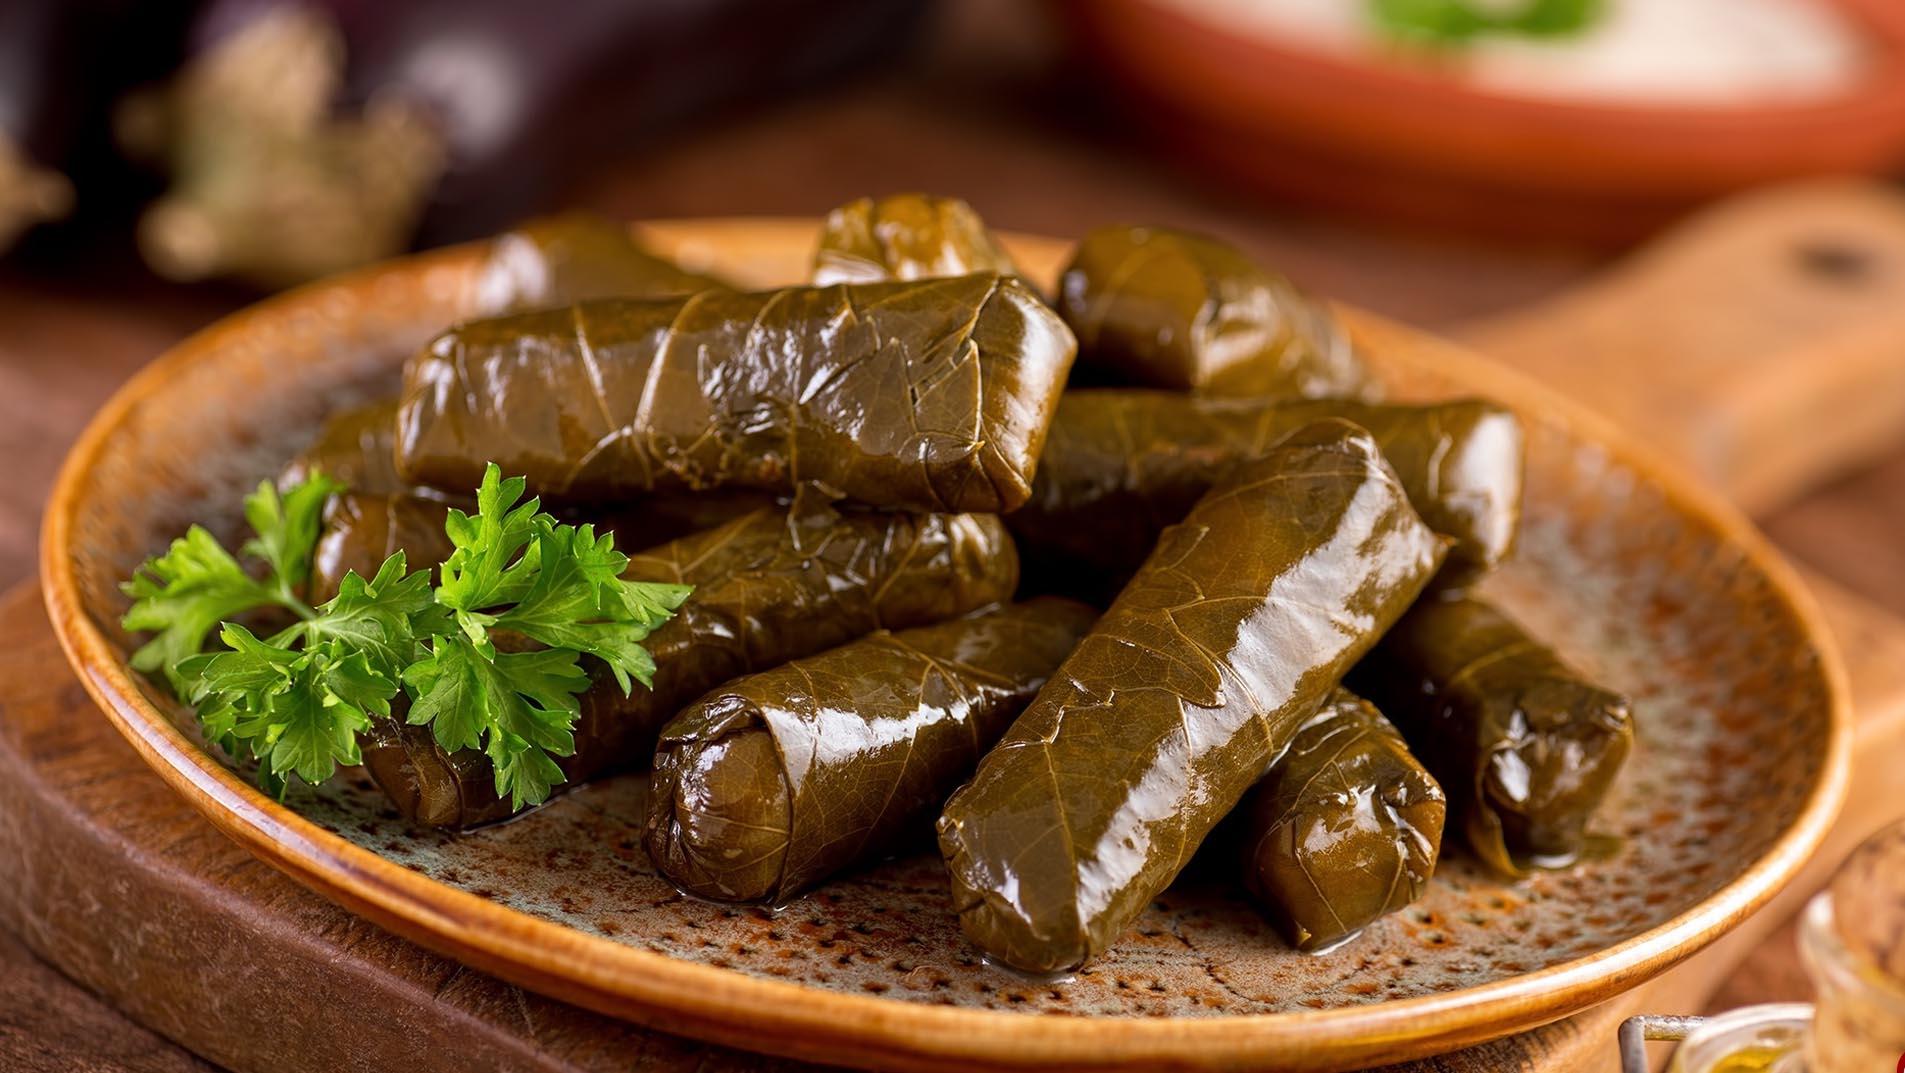 غذاهای زنجان ؛ طعمی کمنظیر در میان غذاهای محلی